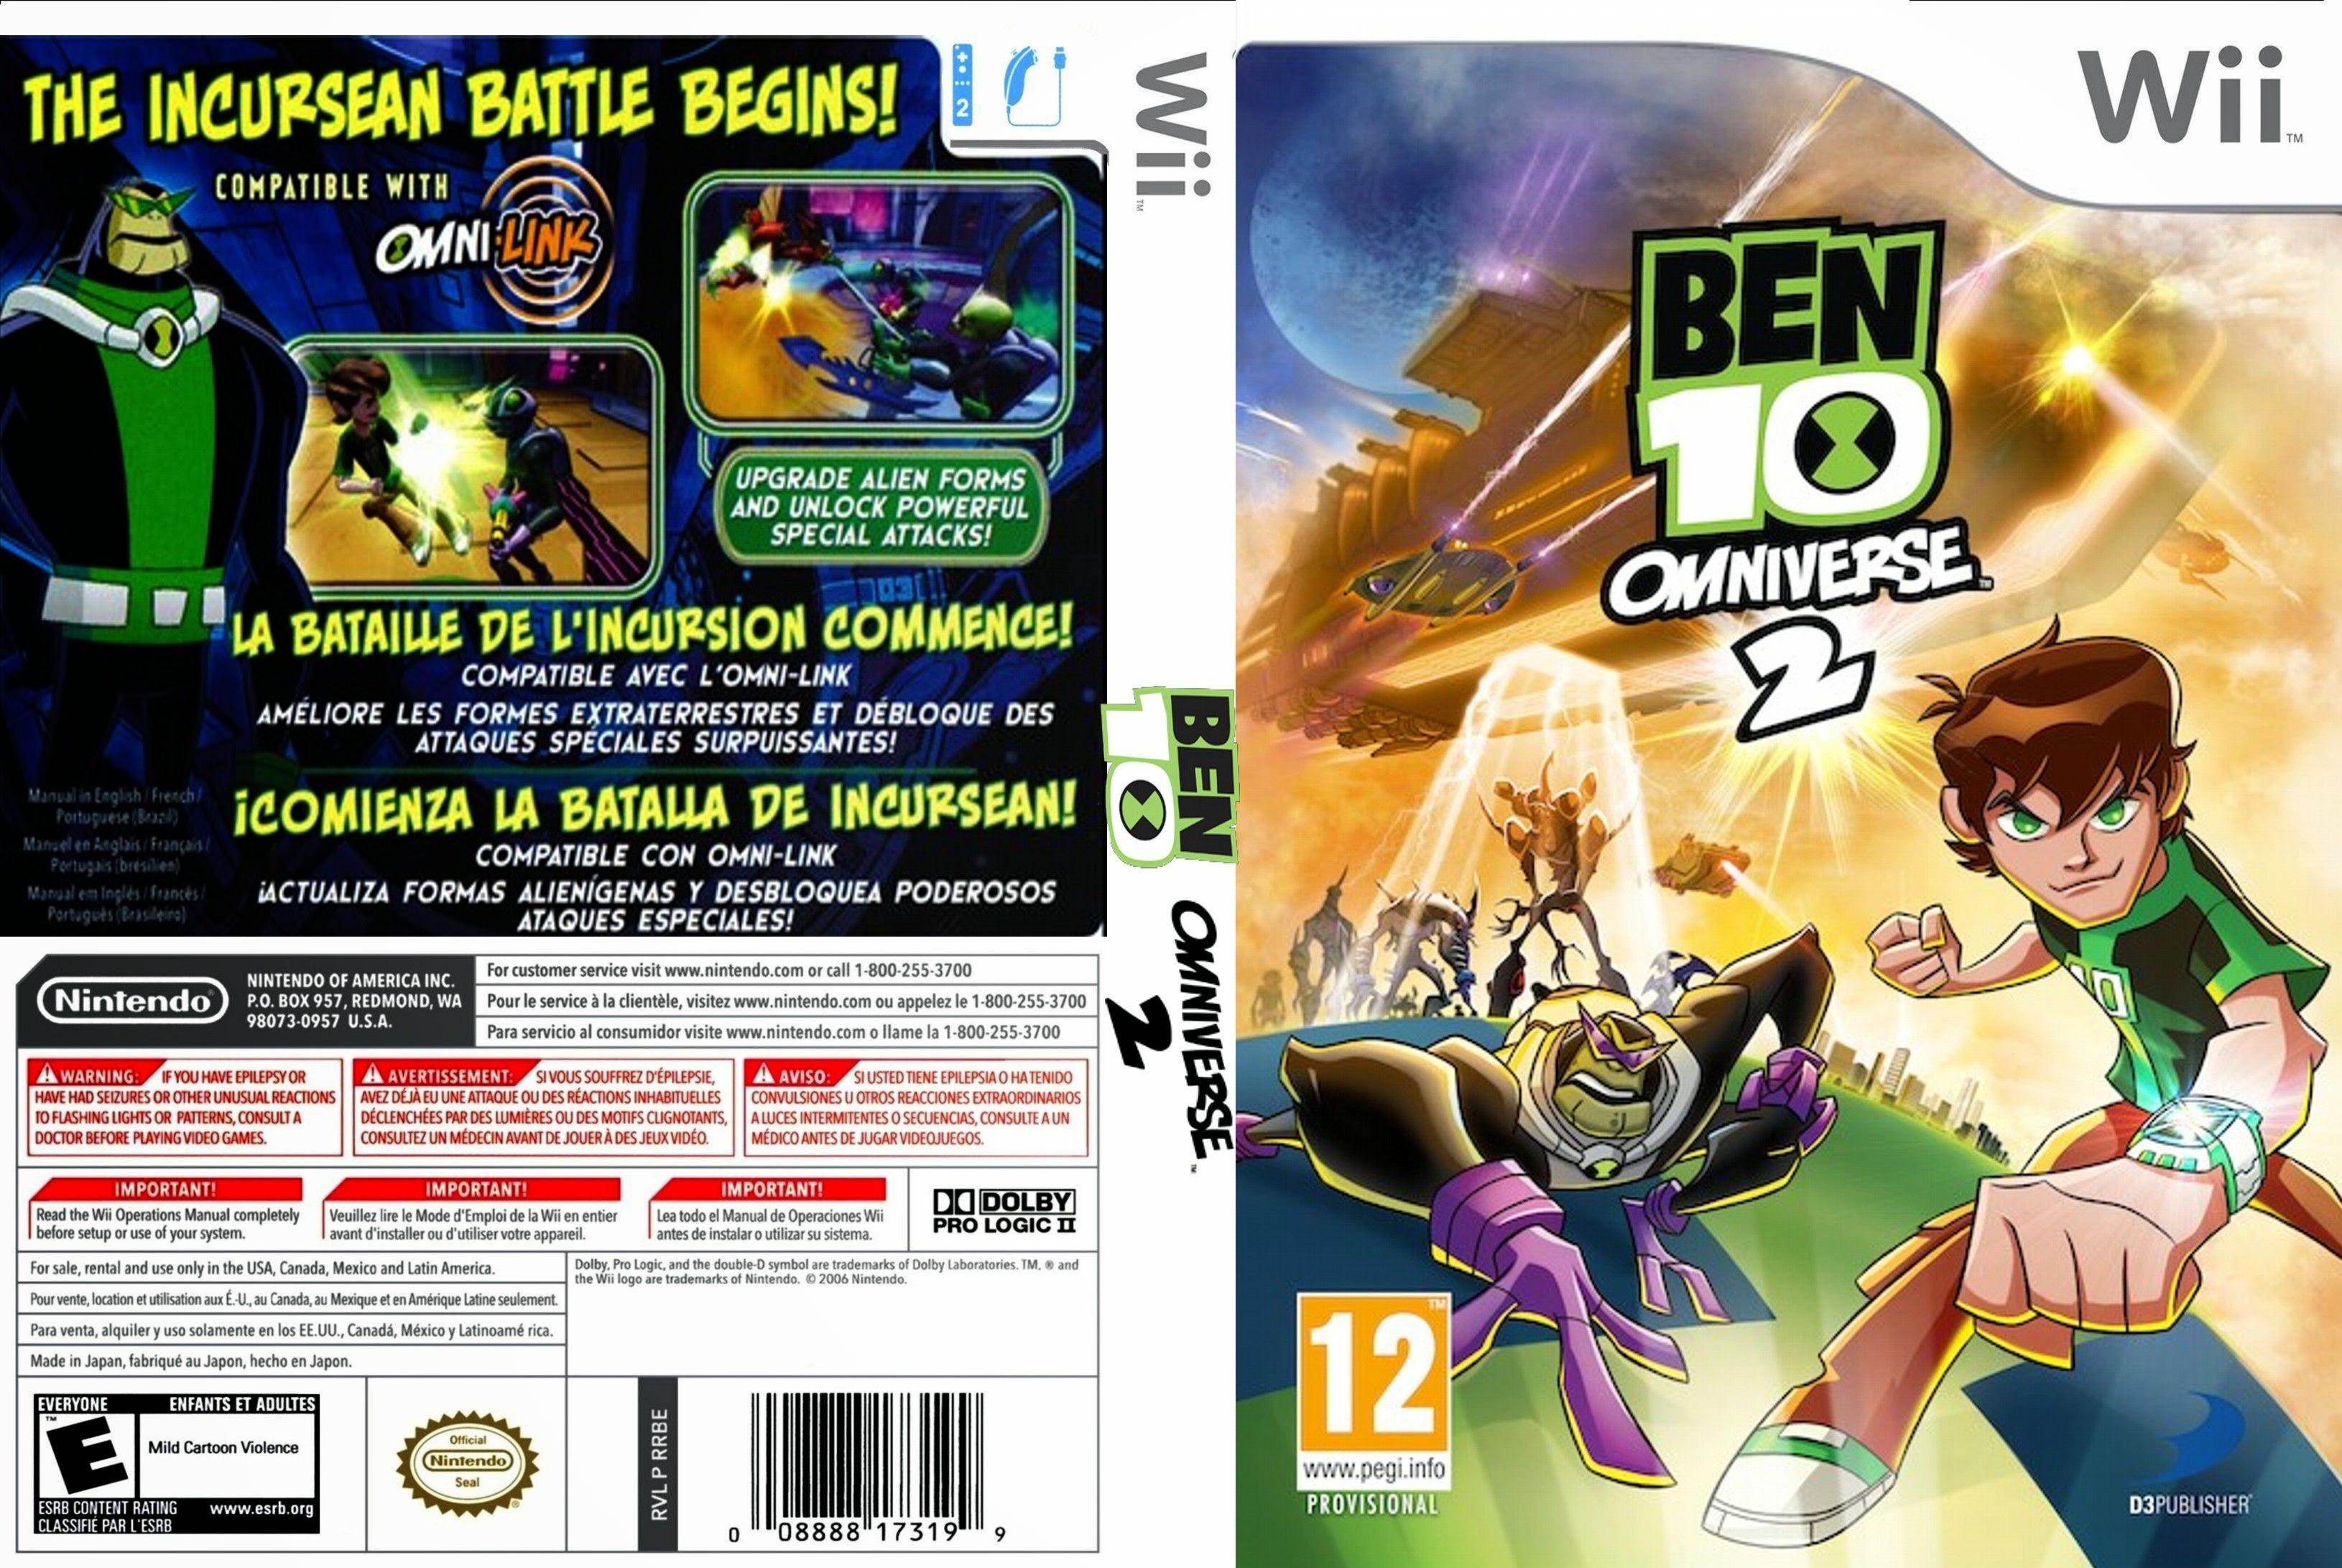 ben 10 omniverse 2 psp game free download